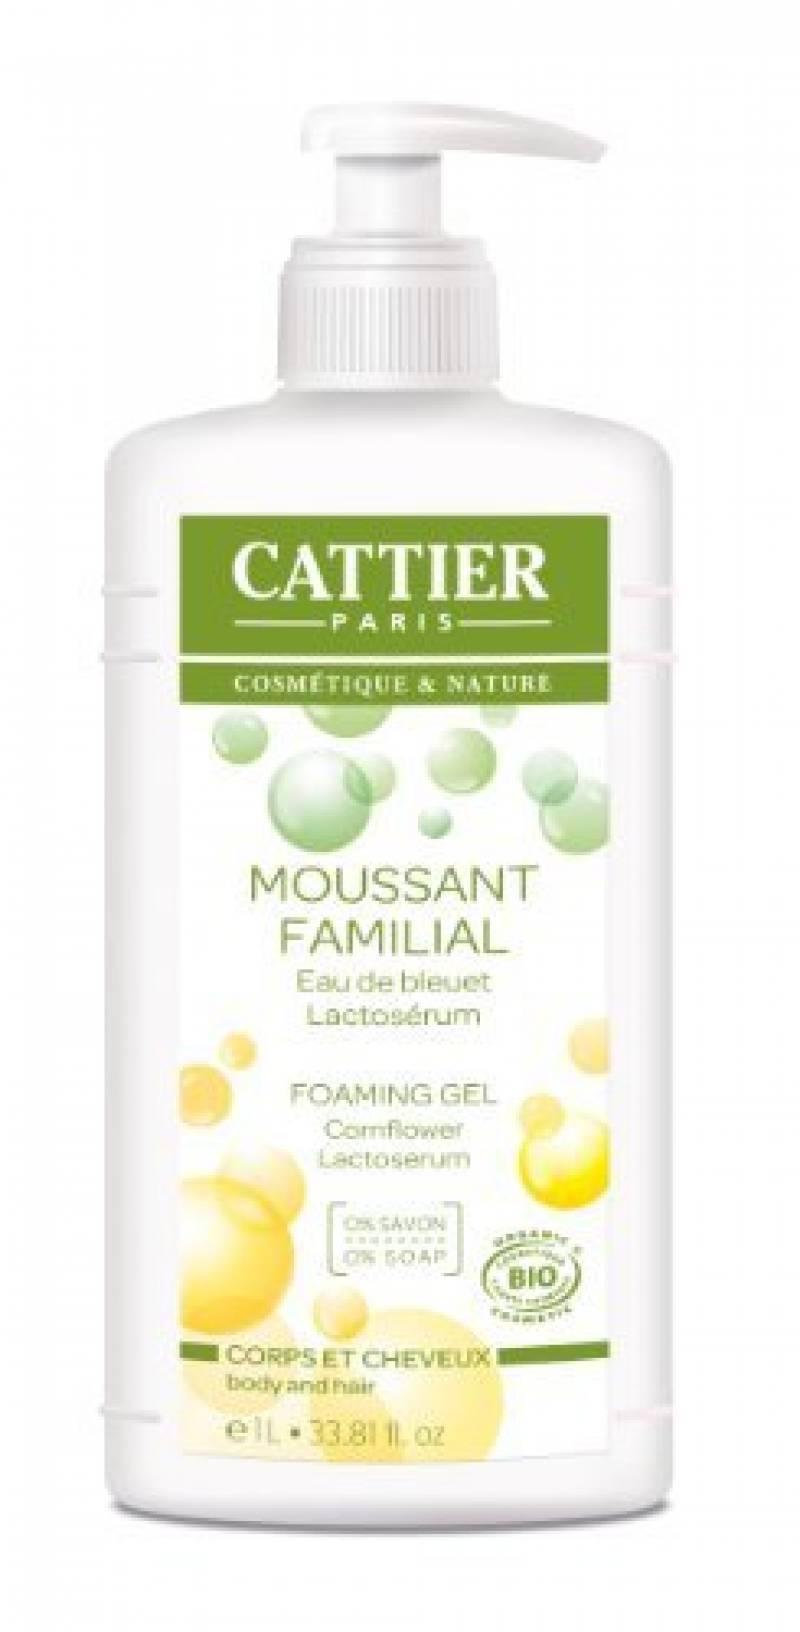 Cattier Moussant Familial au Lactosérum 1 L de la marque CATTIER TOP 7 image 0 produit